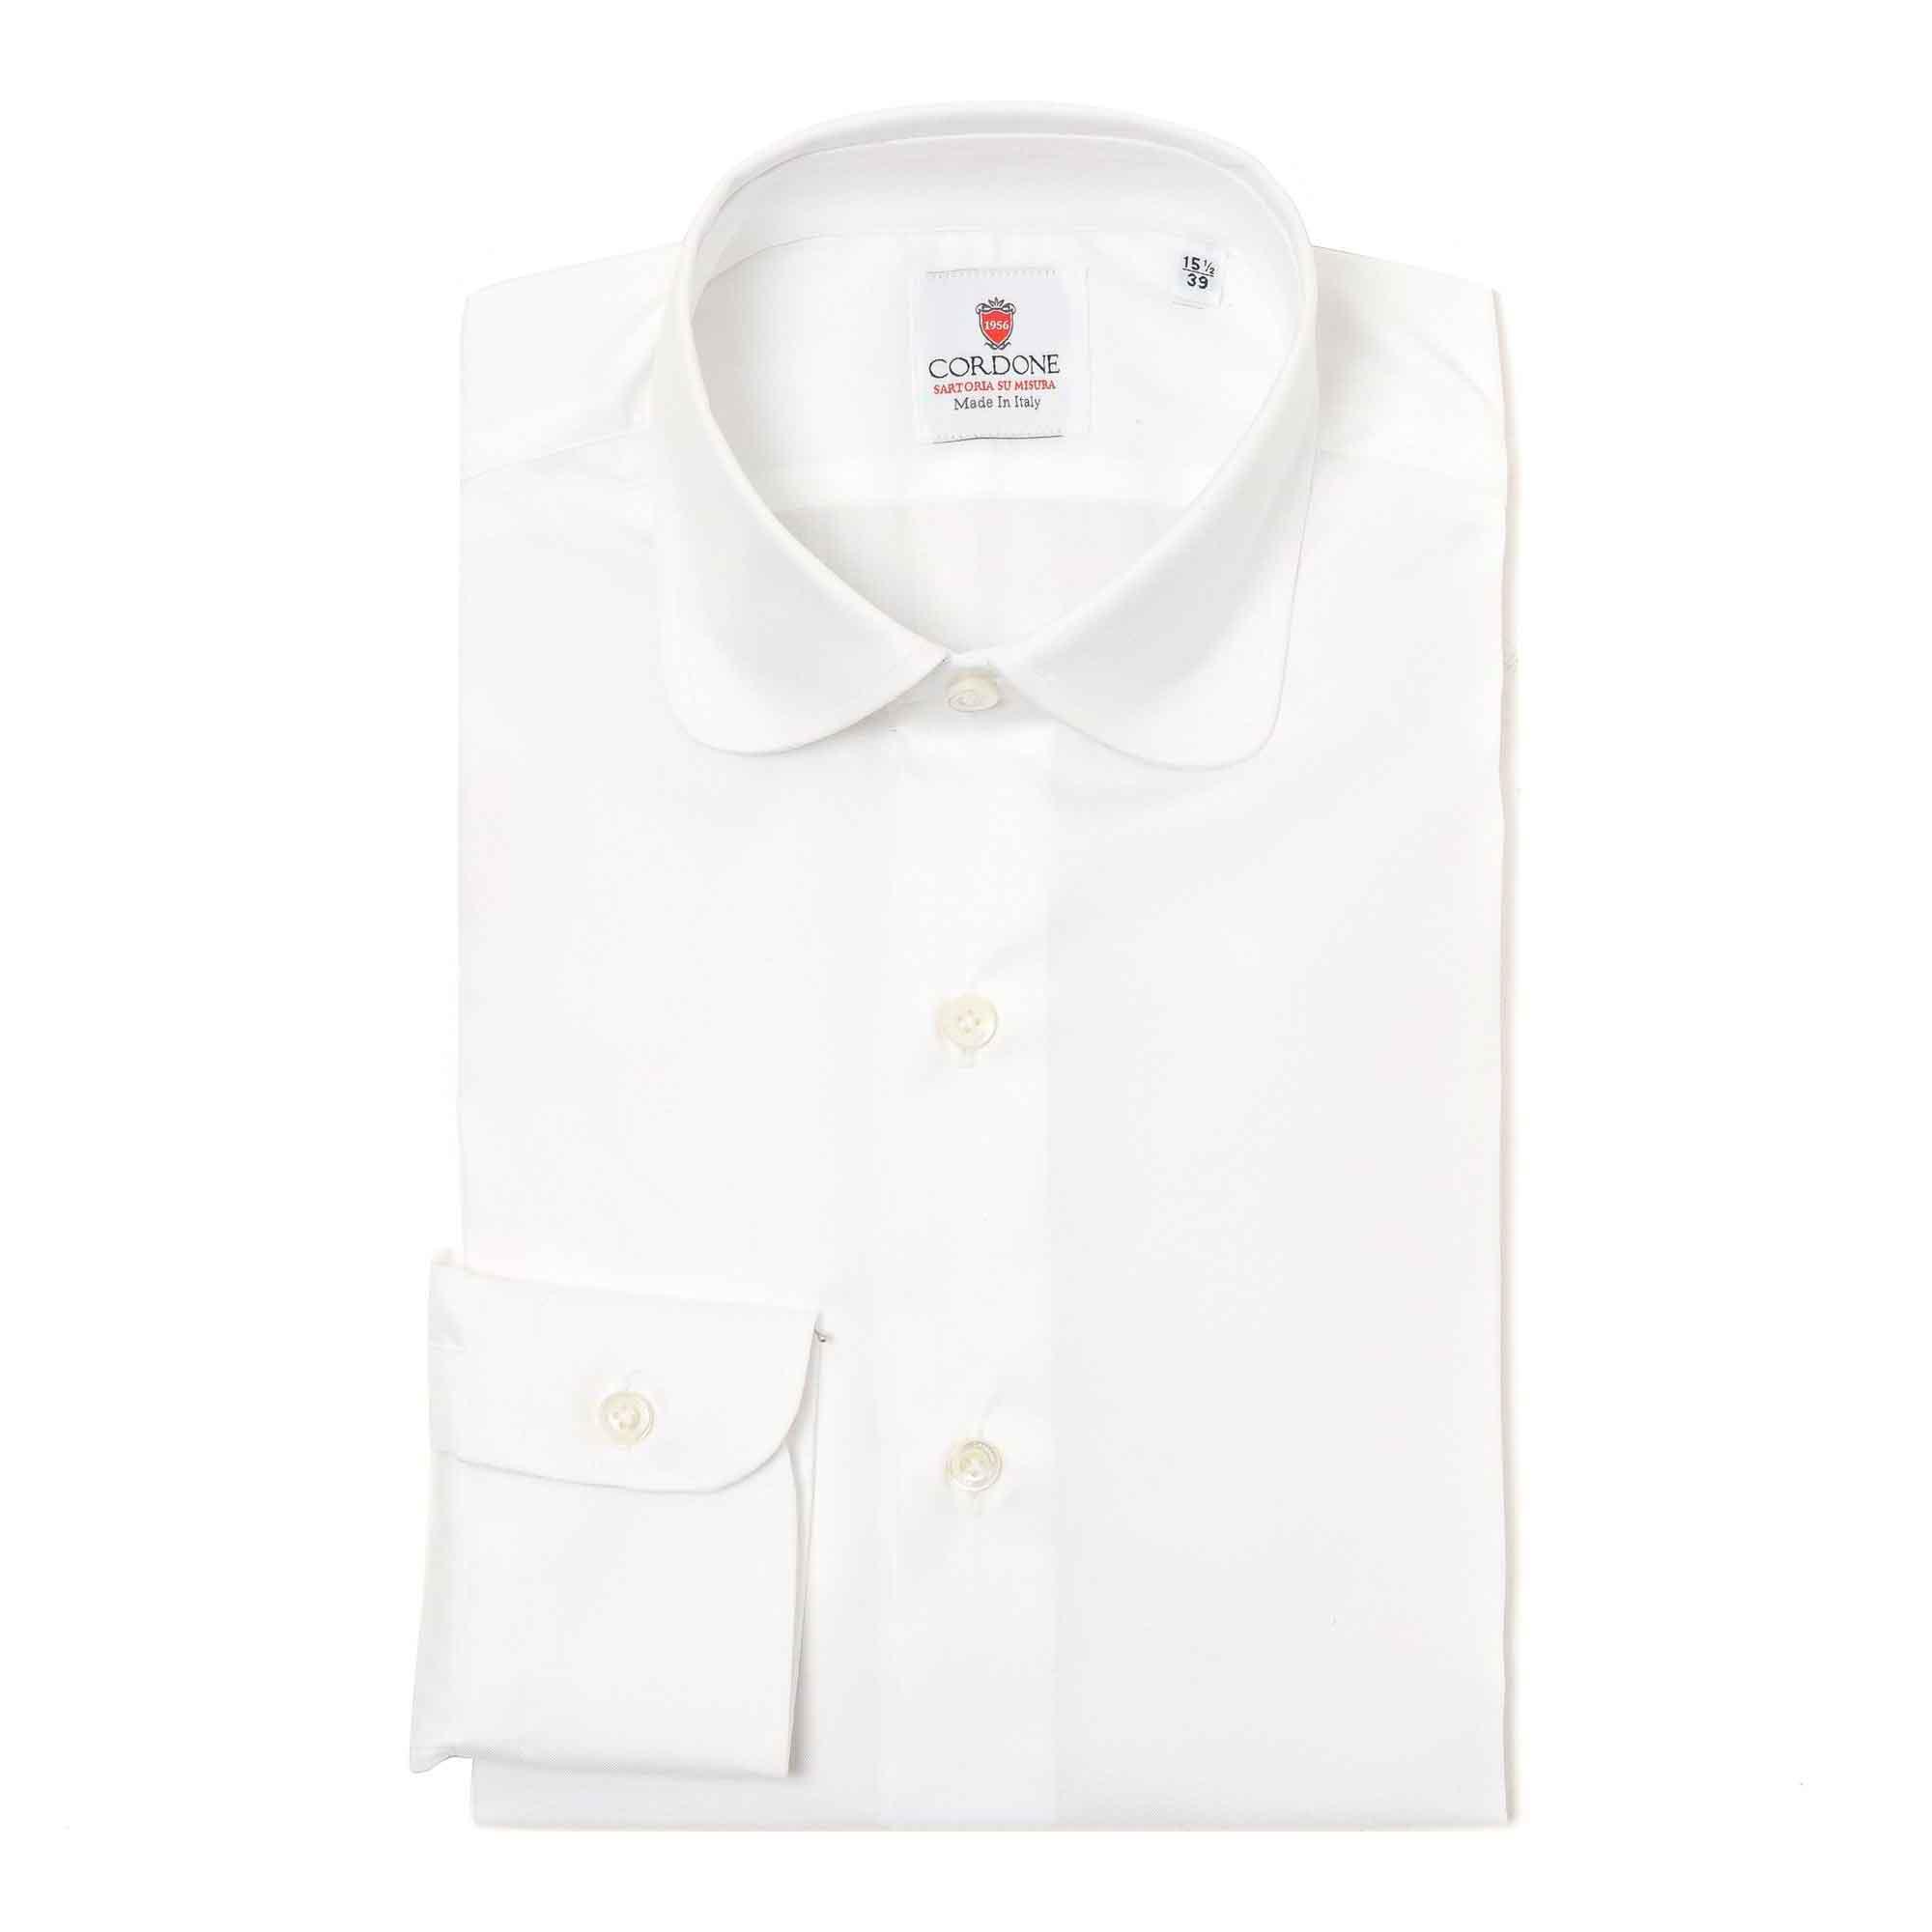 Camisa blanca cuello redondo